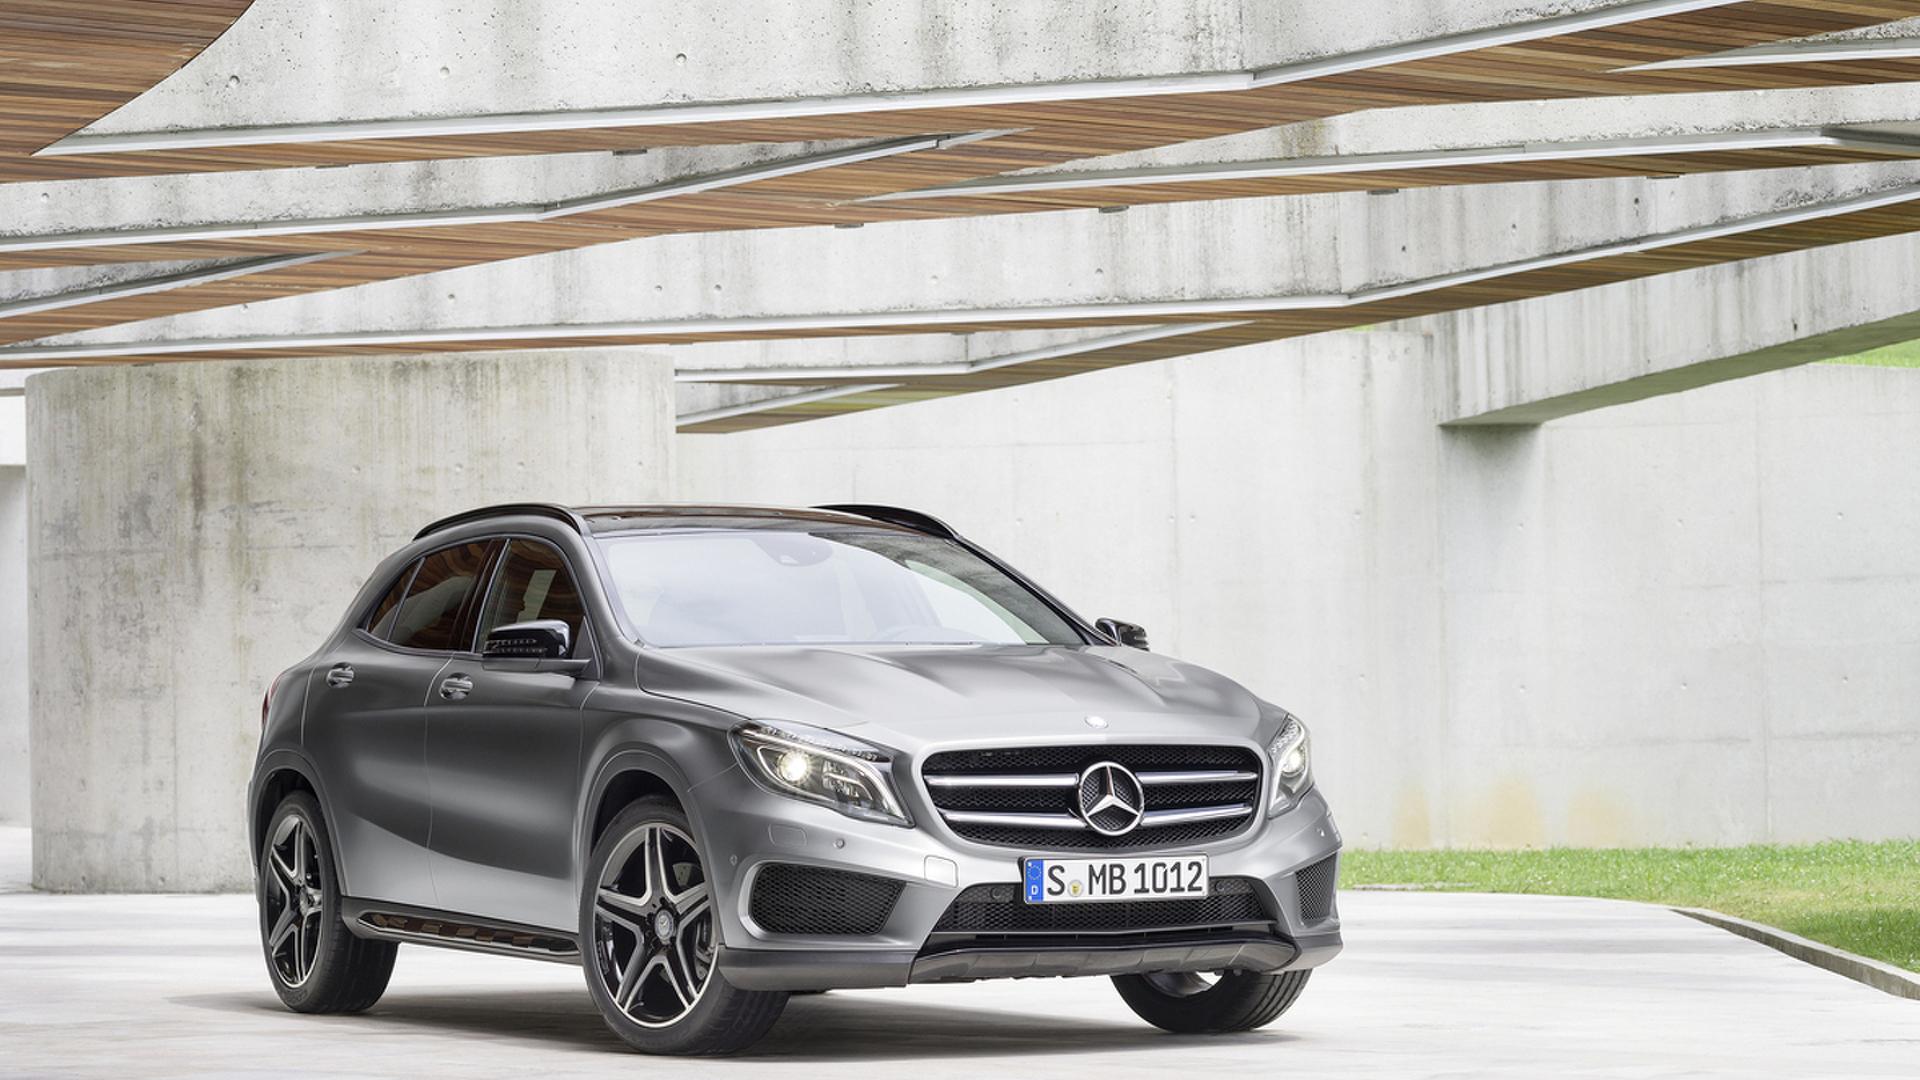 2016 Mercedes GLA gains new equipment in the U.S.